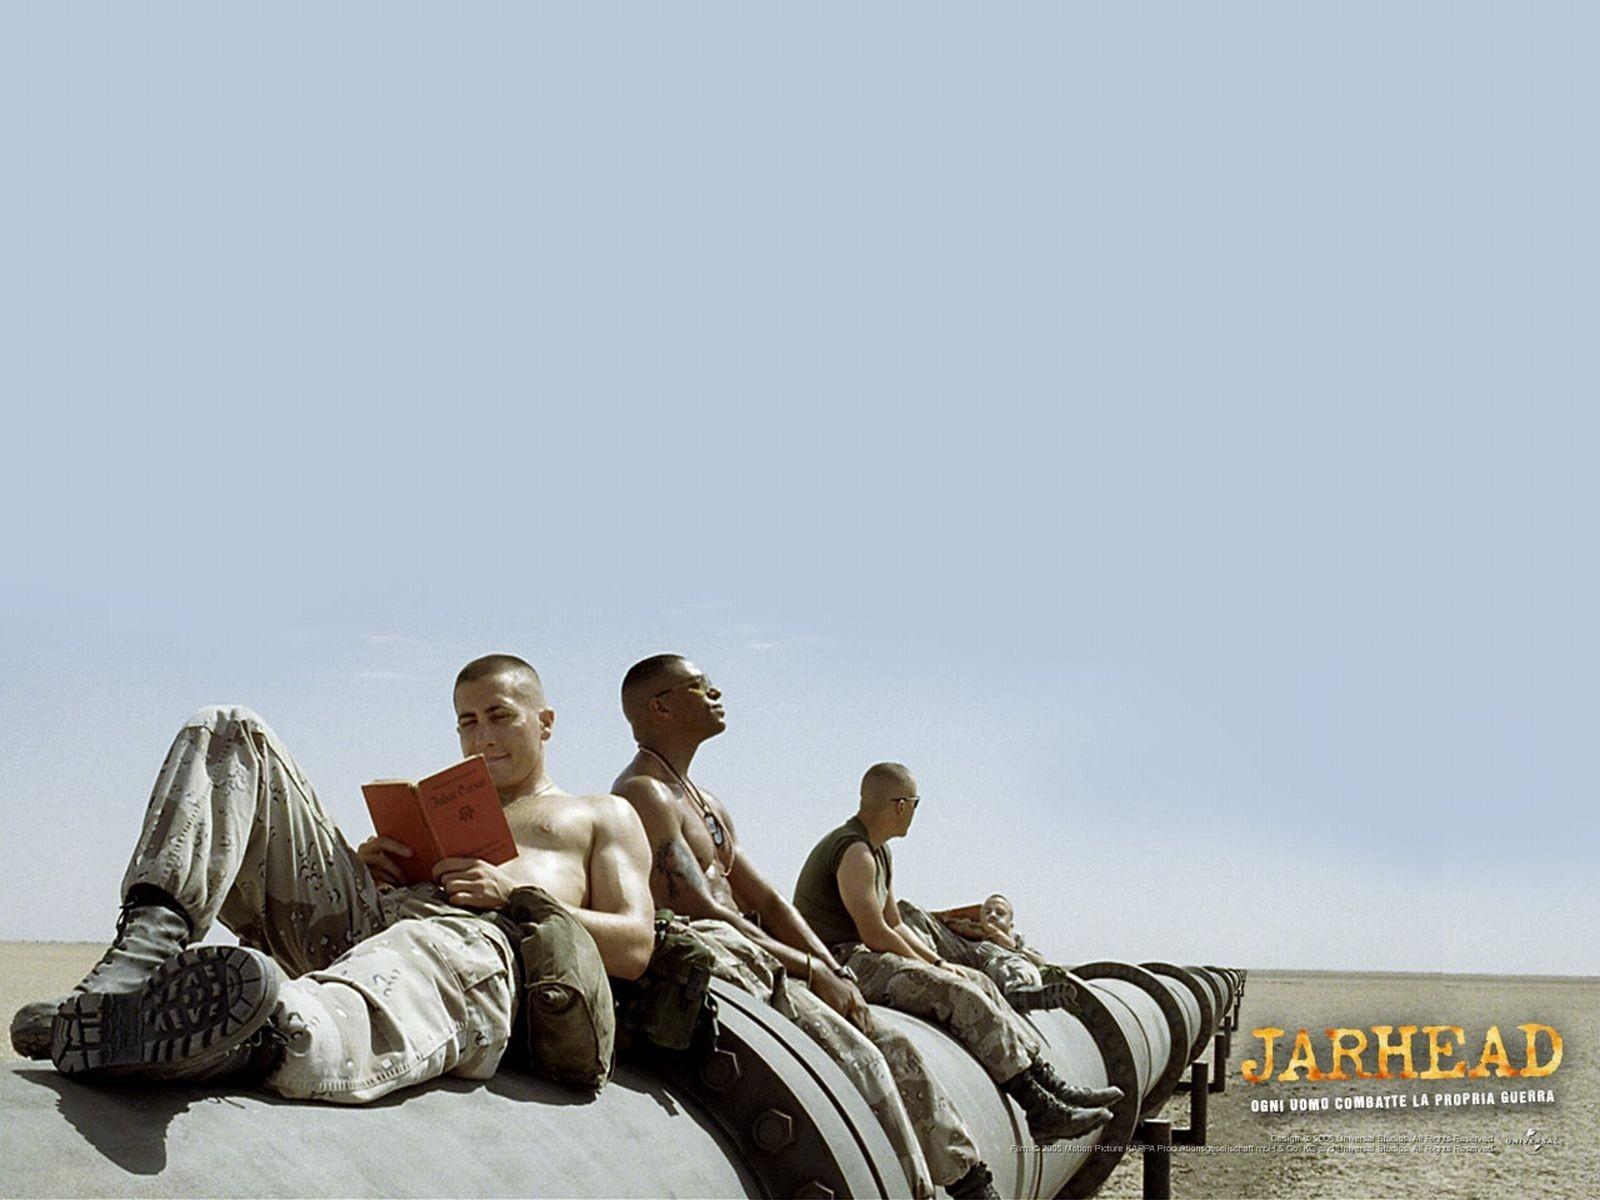 Wallpaper di Jake Gyllenhaal e degli altri protagonist del film Jarhead